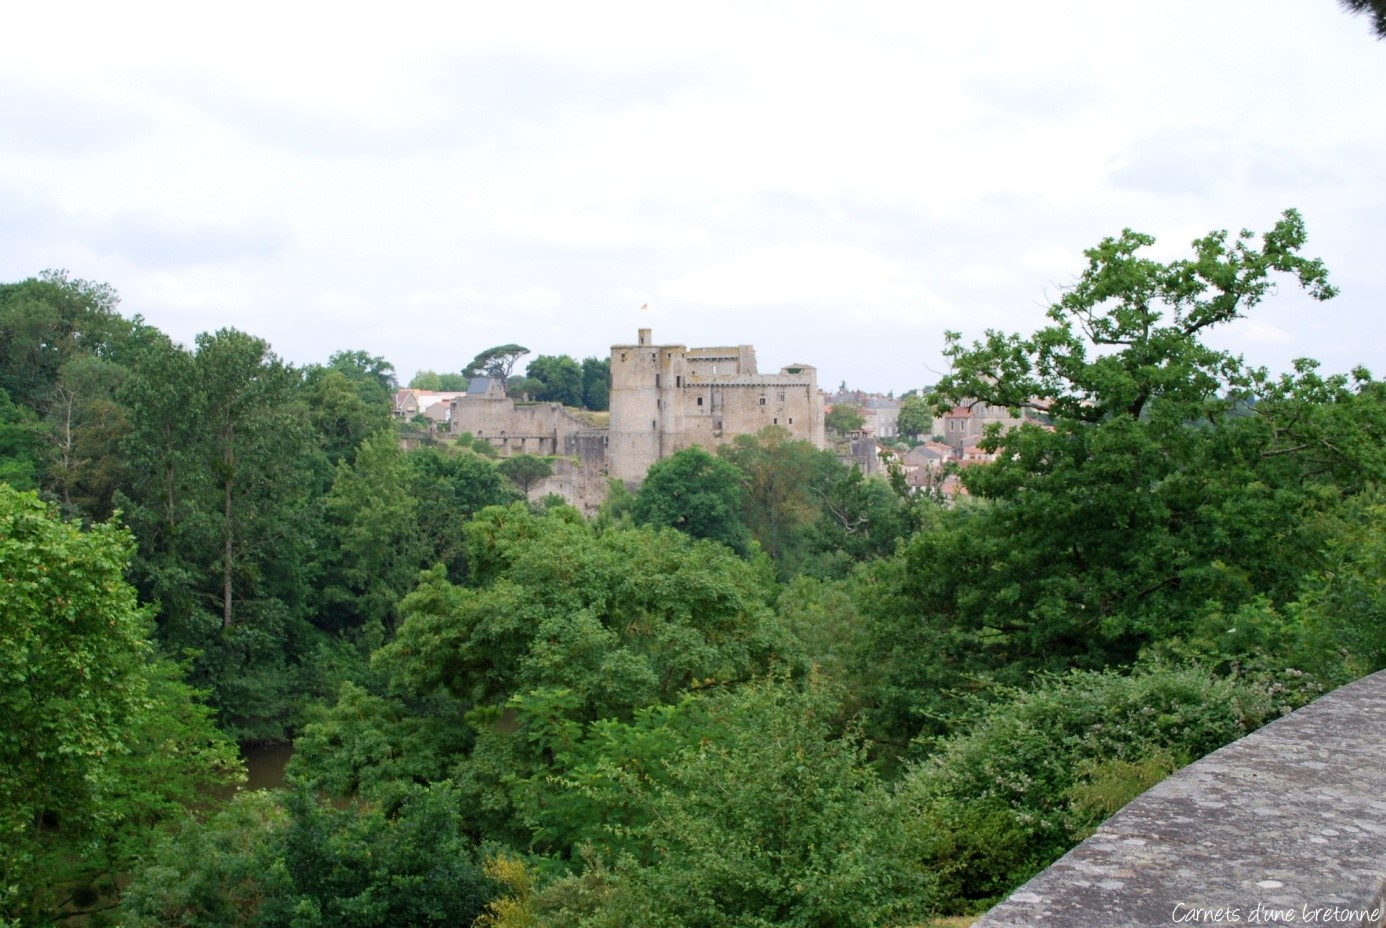 Vue de loin depuis Clisson par Carnets d'une bretonne